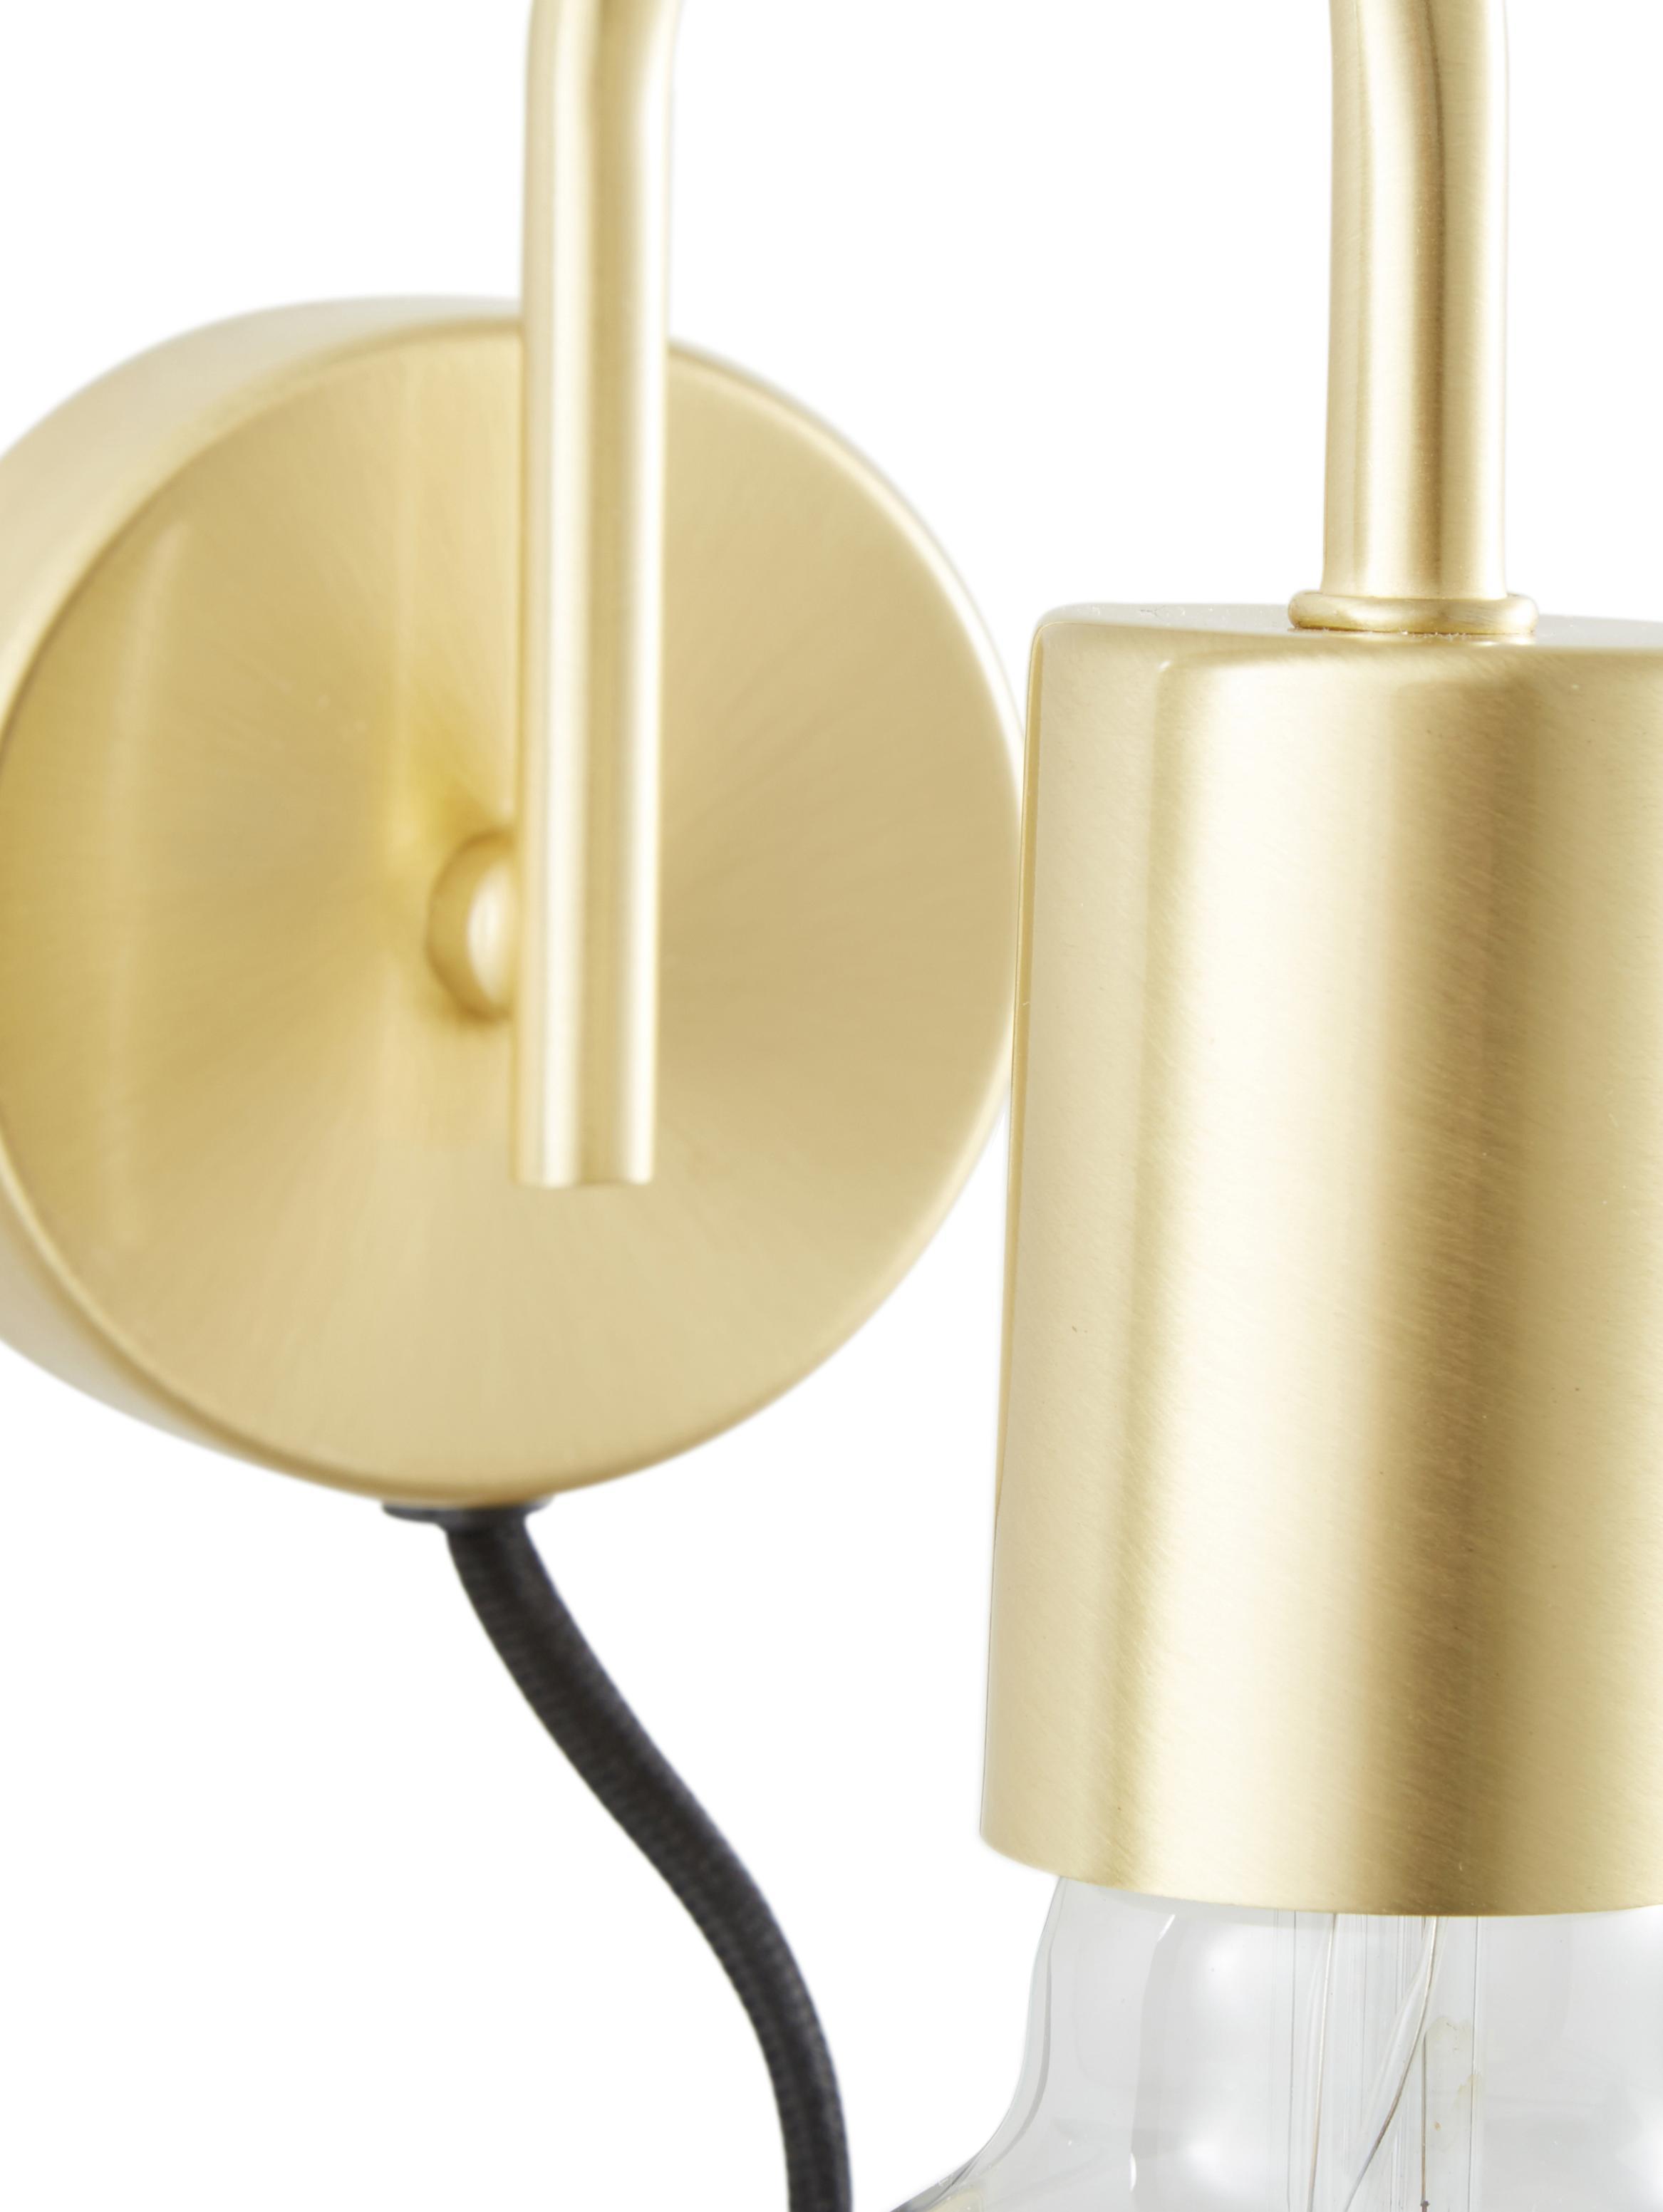 Wandleuchte Flow mit Stecker, Baldachin: Metall, vermessingt, Baldachin: Messing, gebürstetKabel: Schwarz, 8 x 12 cm